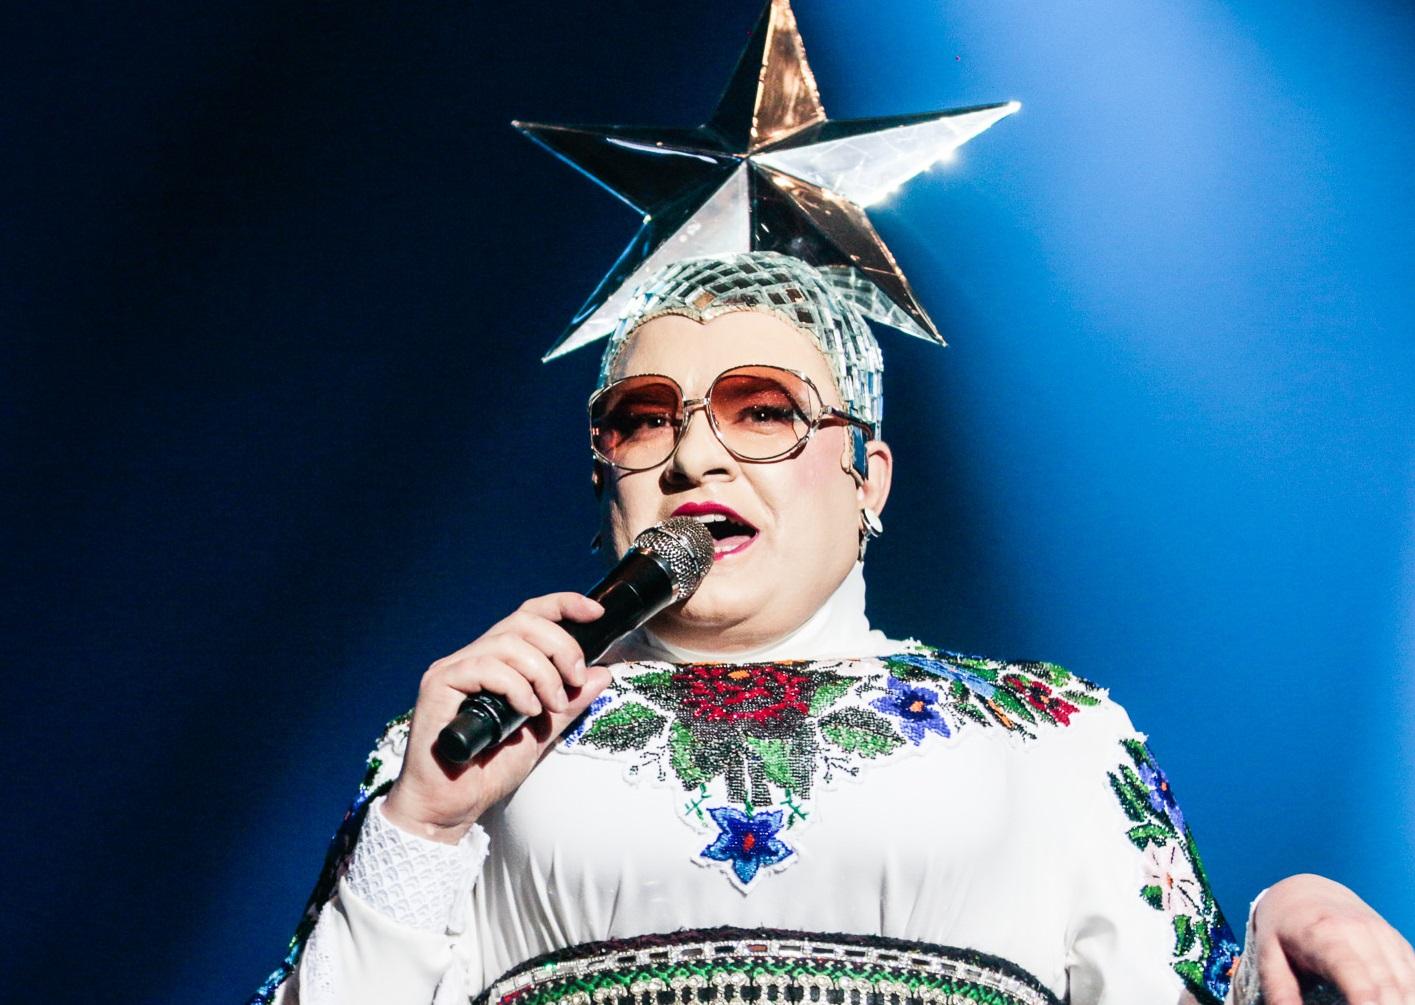 Верка Сердючка выступит в качестве приглашенной звезды на Евровидении-2019